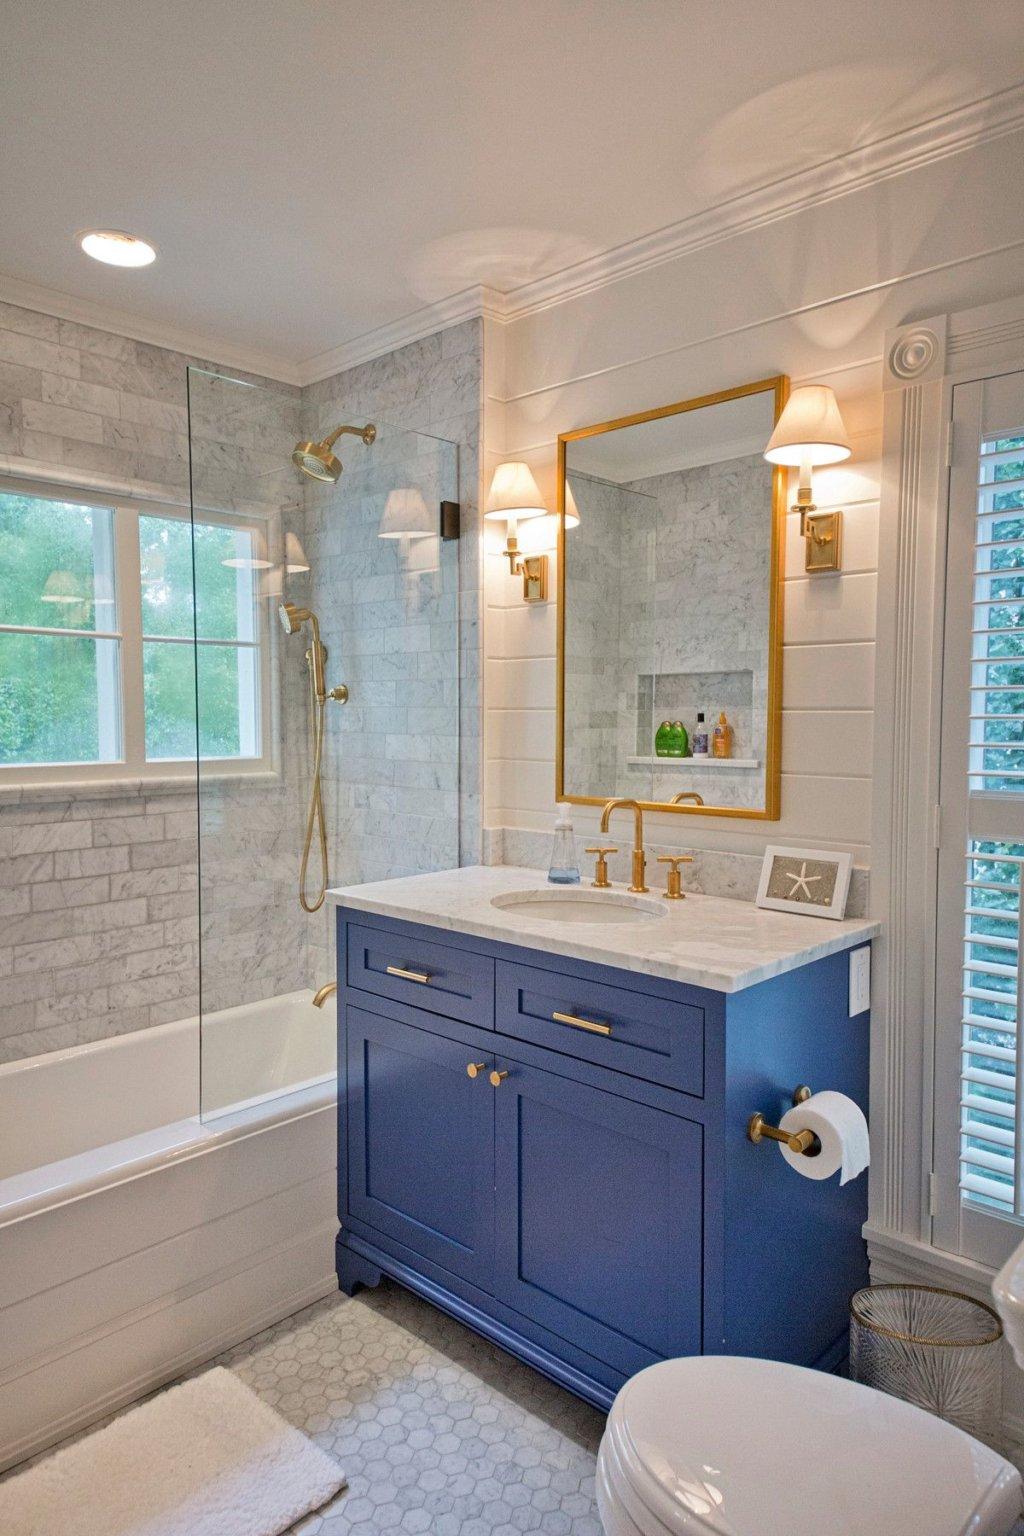 Ảnh chụp một góc phòng tắm với tủ ngăn kéo màu xanh dương, khung gương vàng đồng.